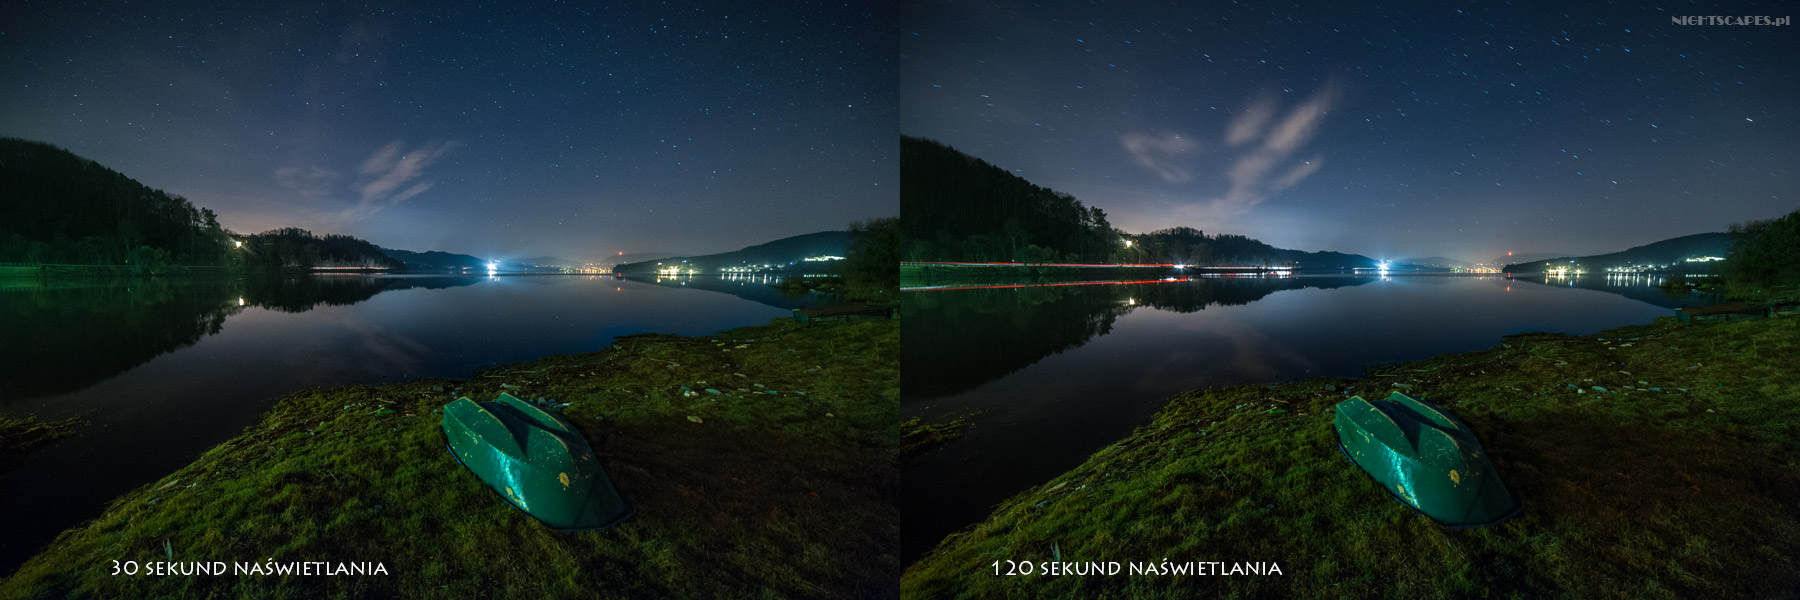 Fotografia gwiazd jako punktów. Wpływ długości naświetlania